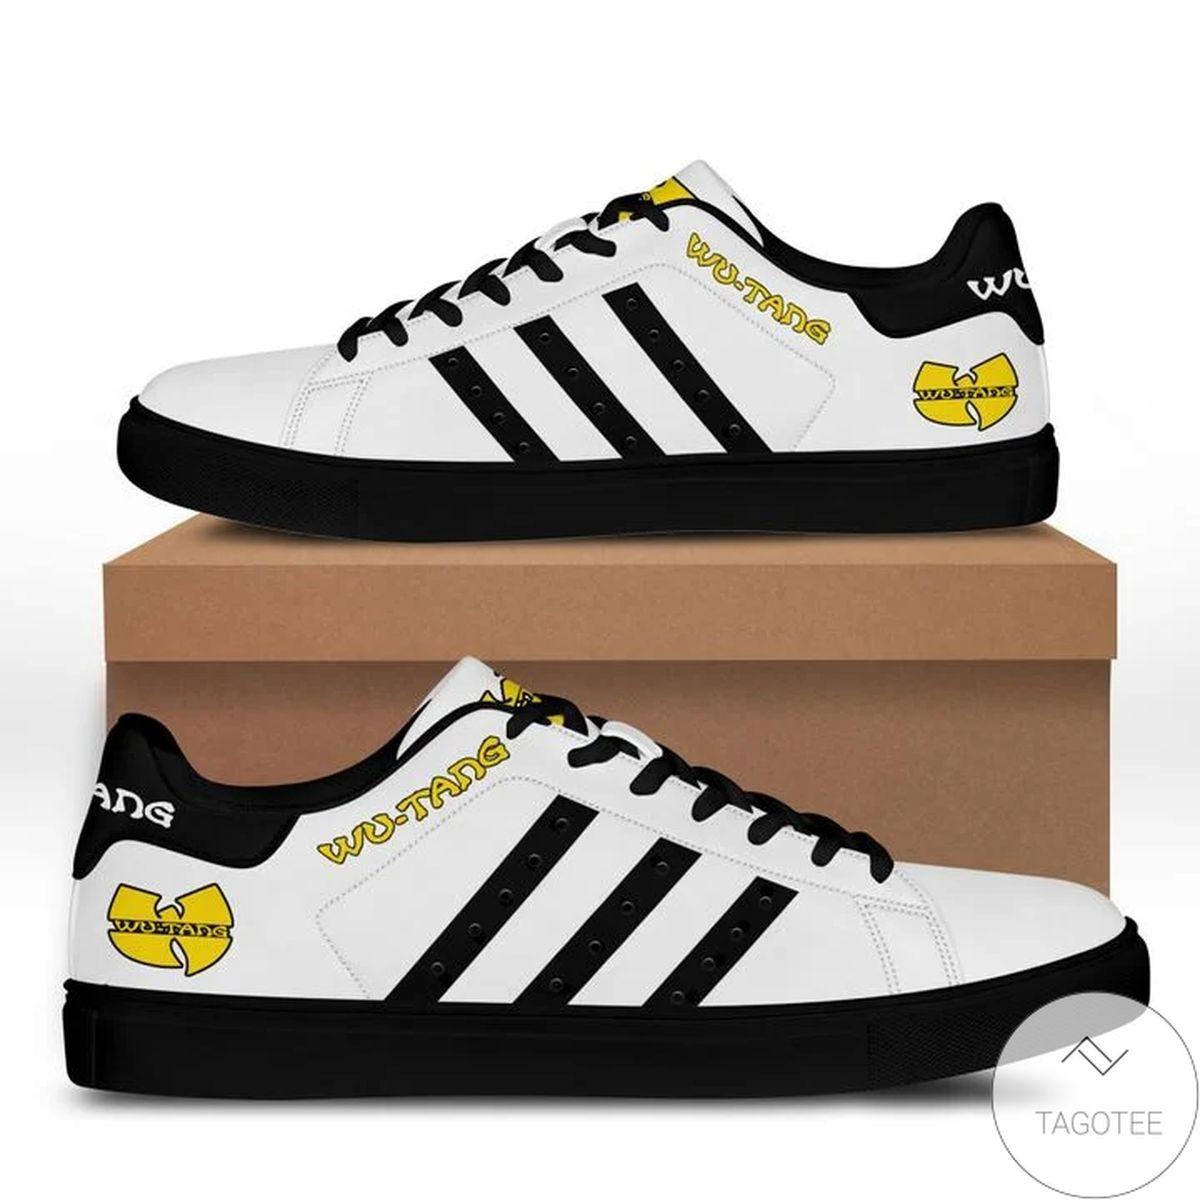 Wu-tang Clan Stan Smith Shoes